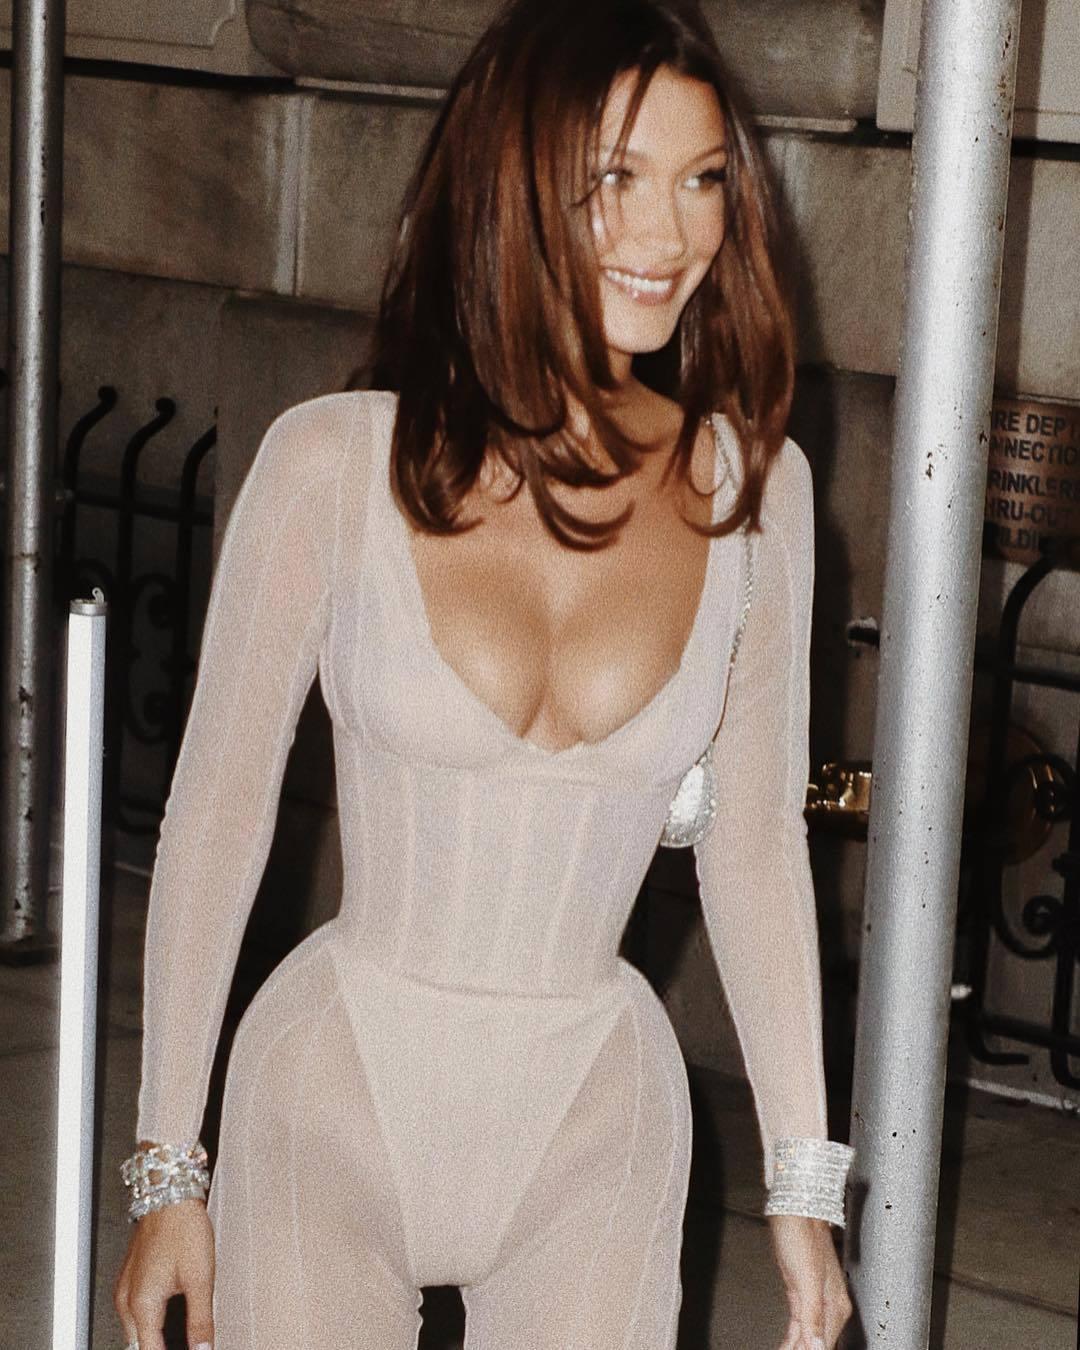 貝拉哈蒂德在紐約街頭穿Custom Mugler連衣褲,勇奪目光焦點。圖/取自I...